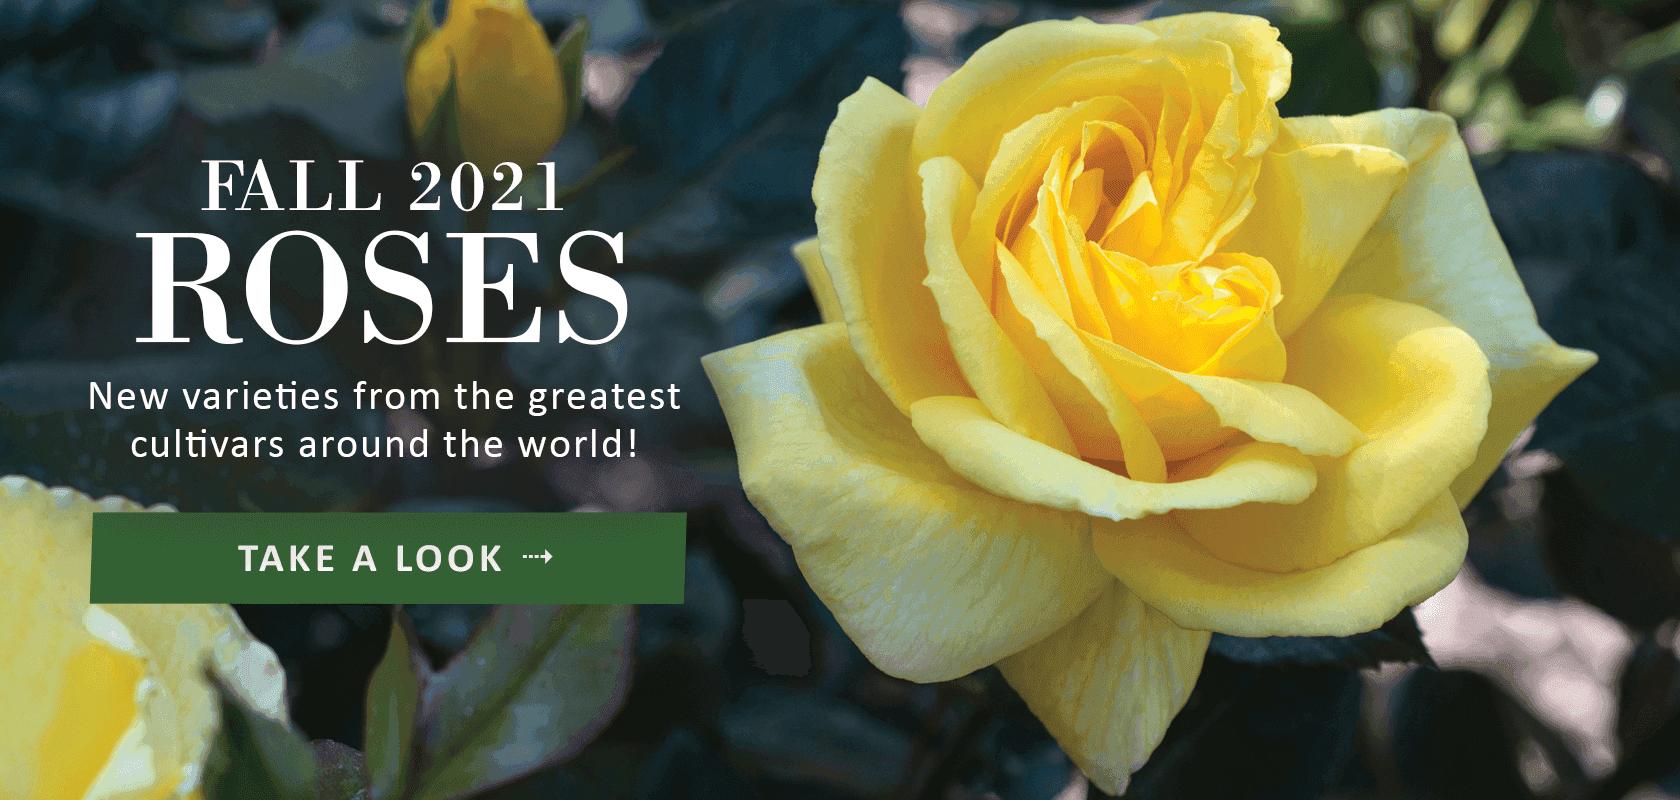 Fall 2021 Roses